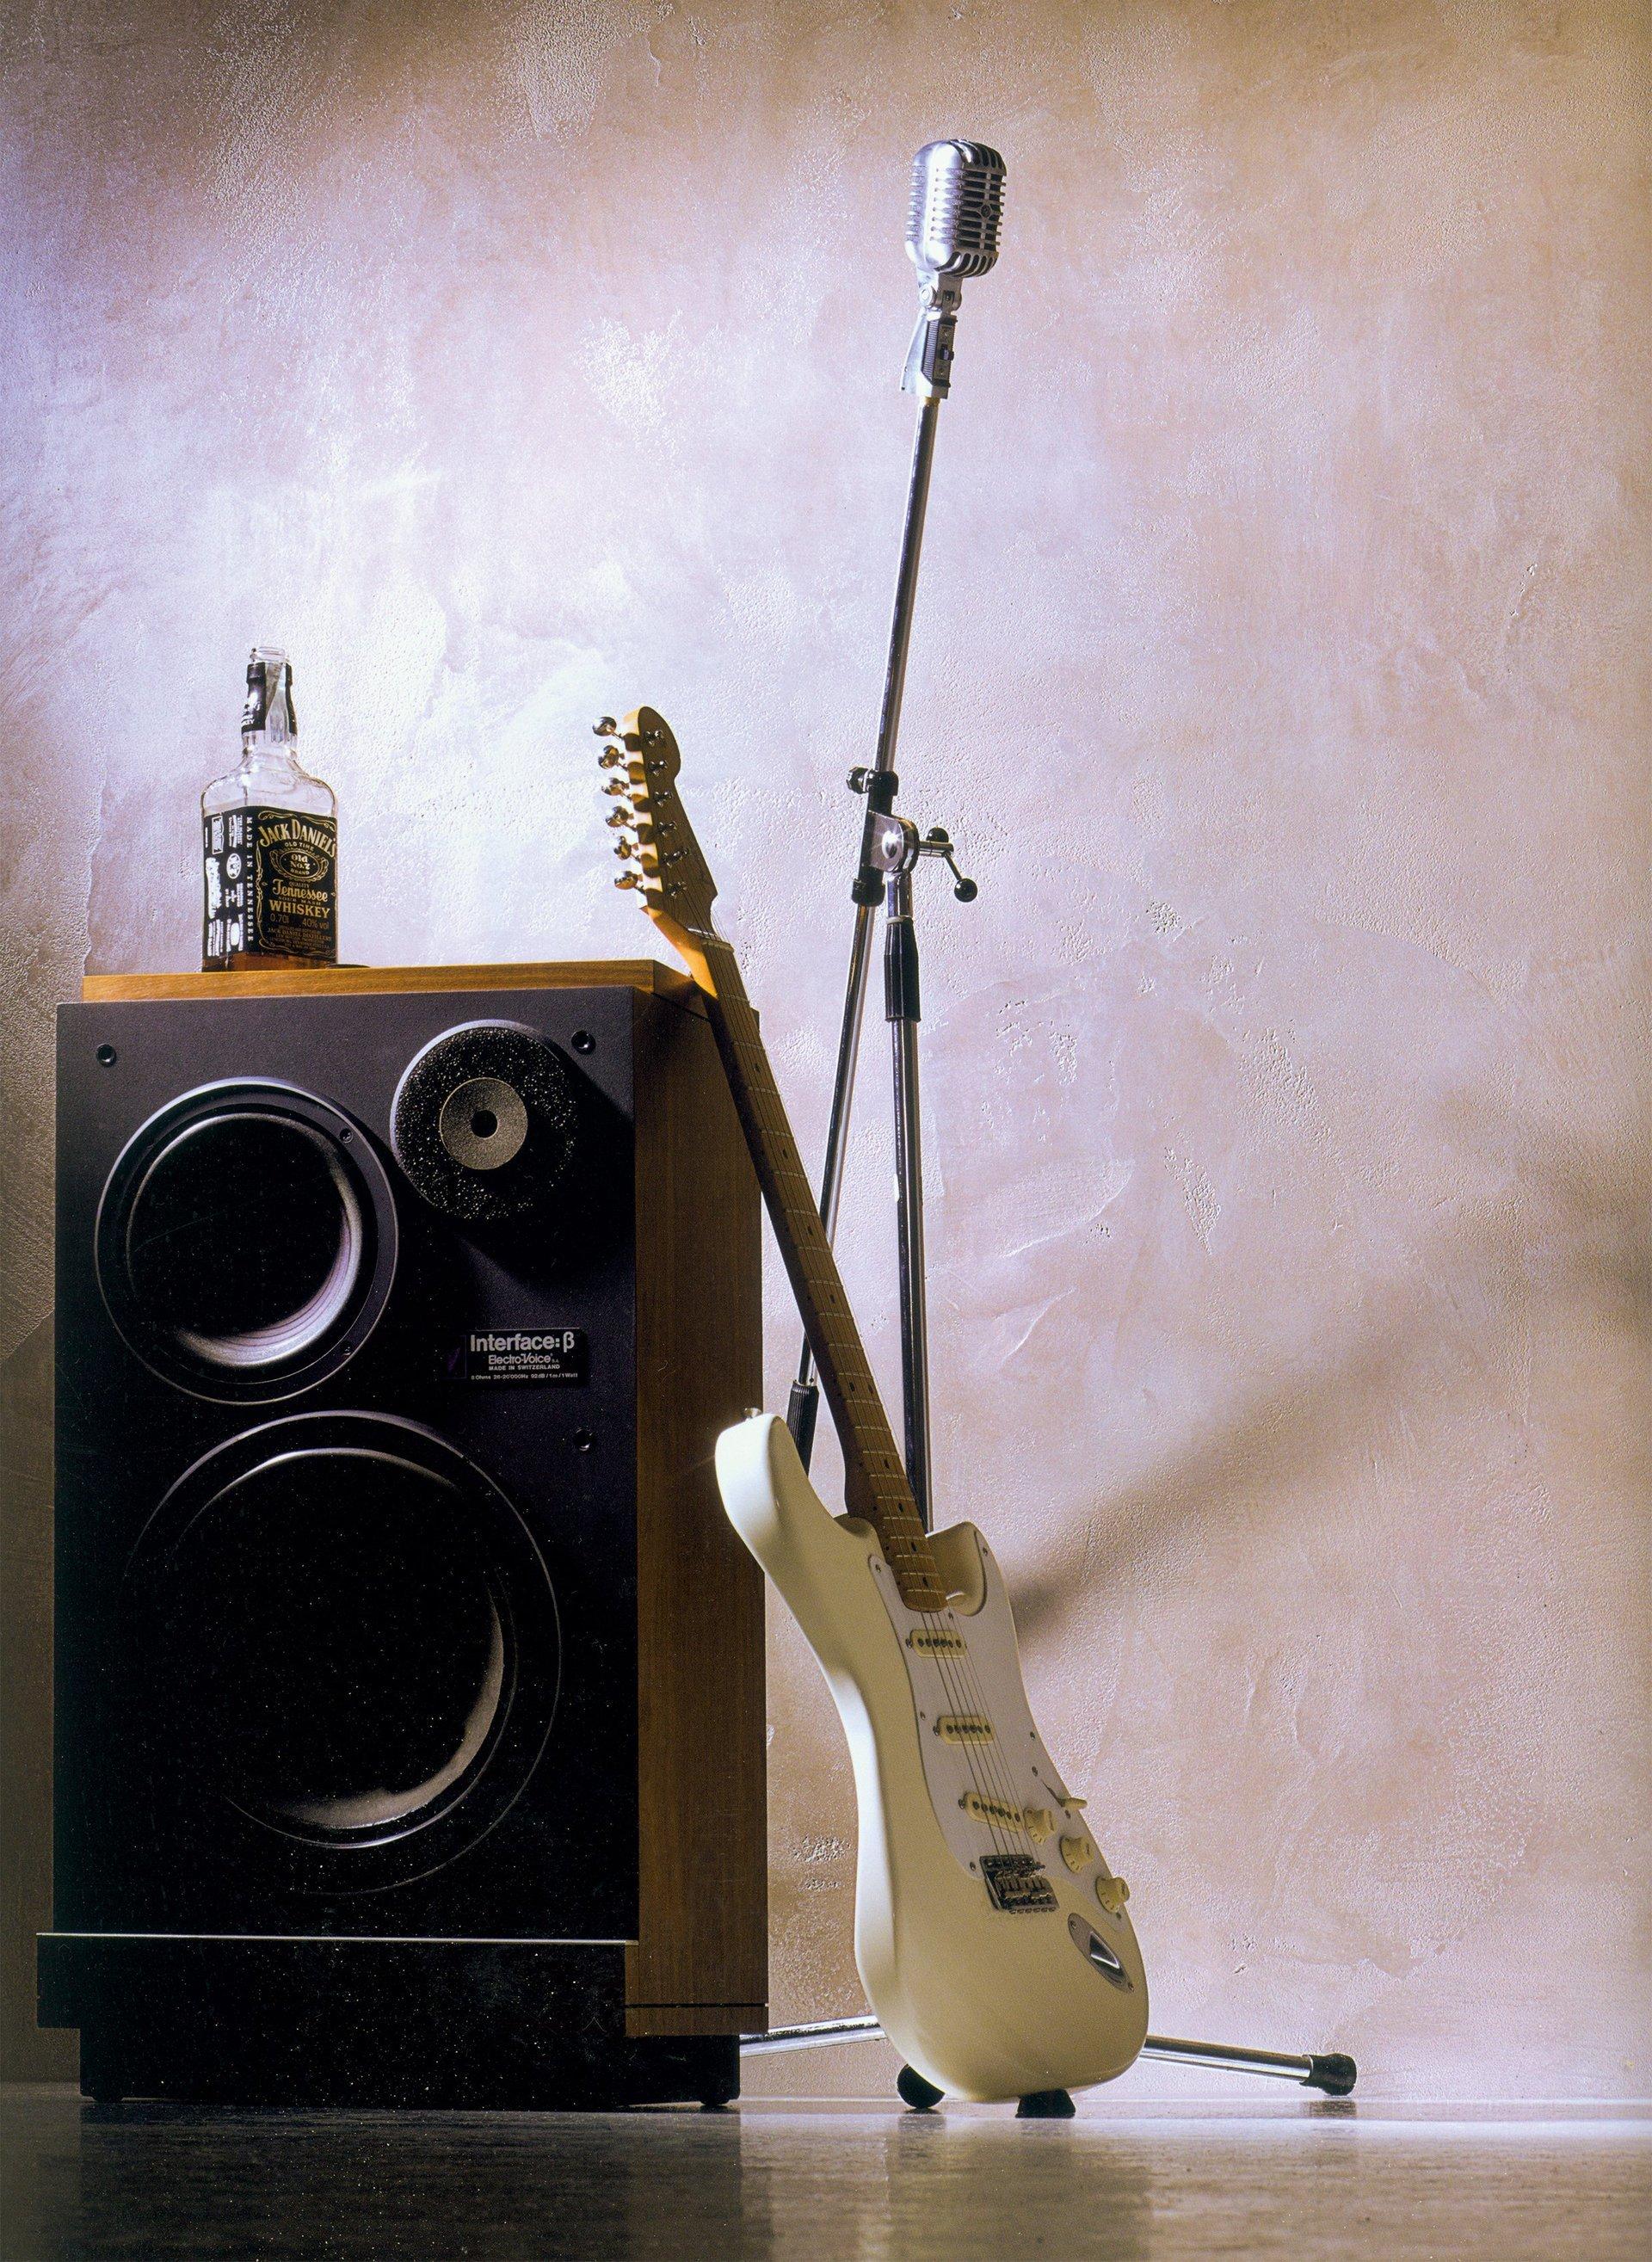 una chitarra appoggiata ad una cassa